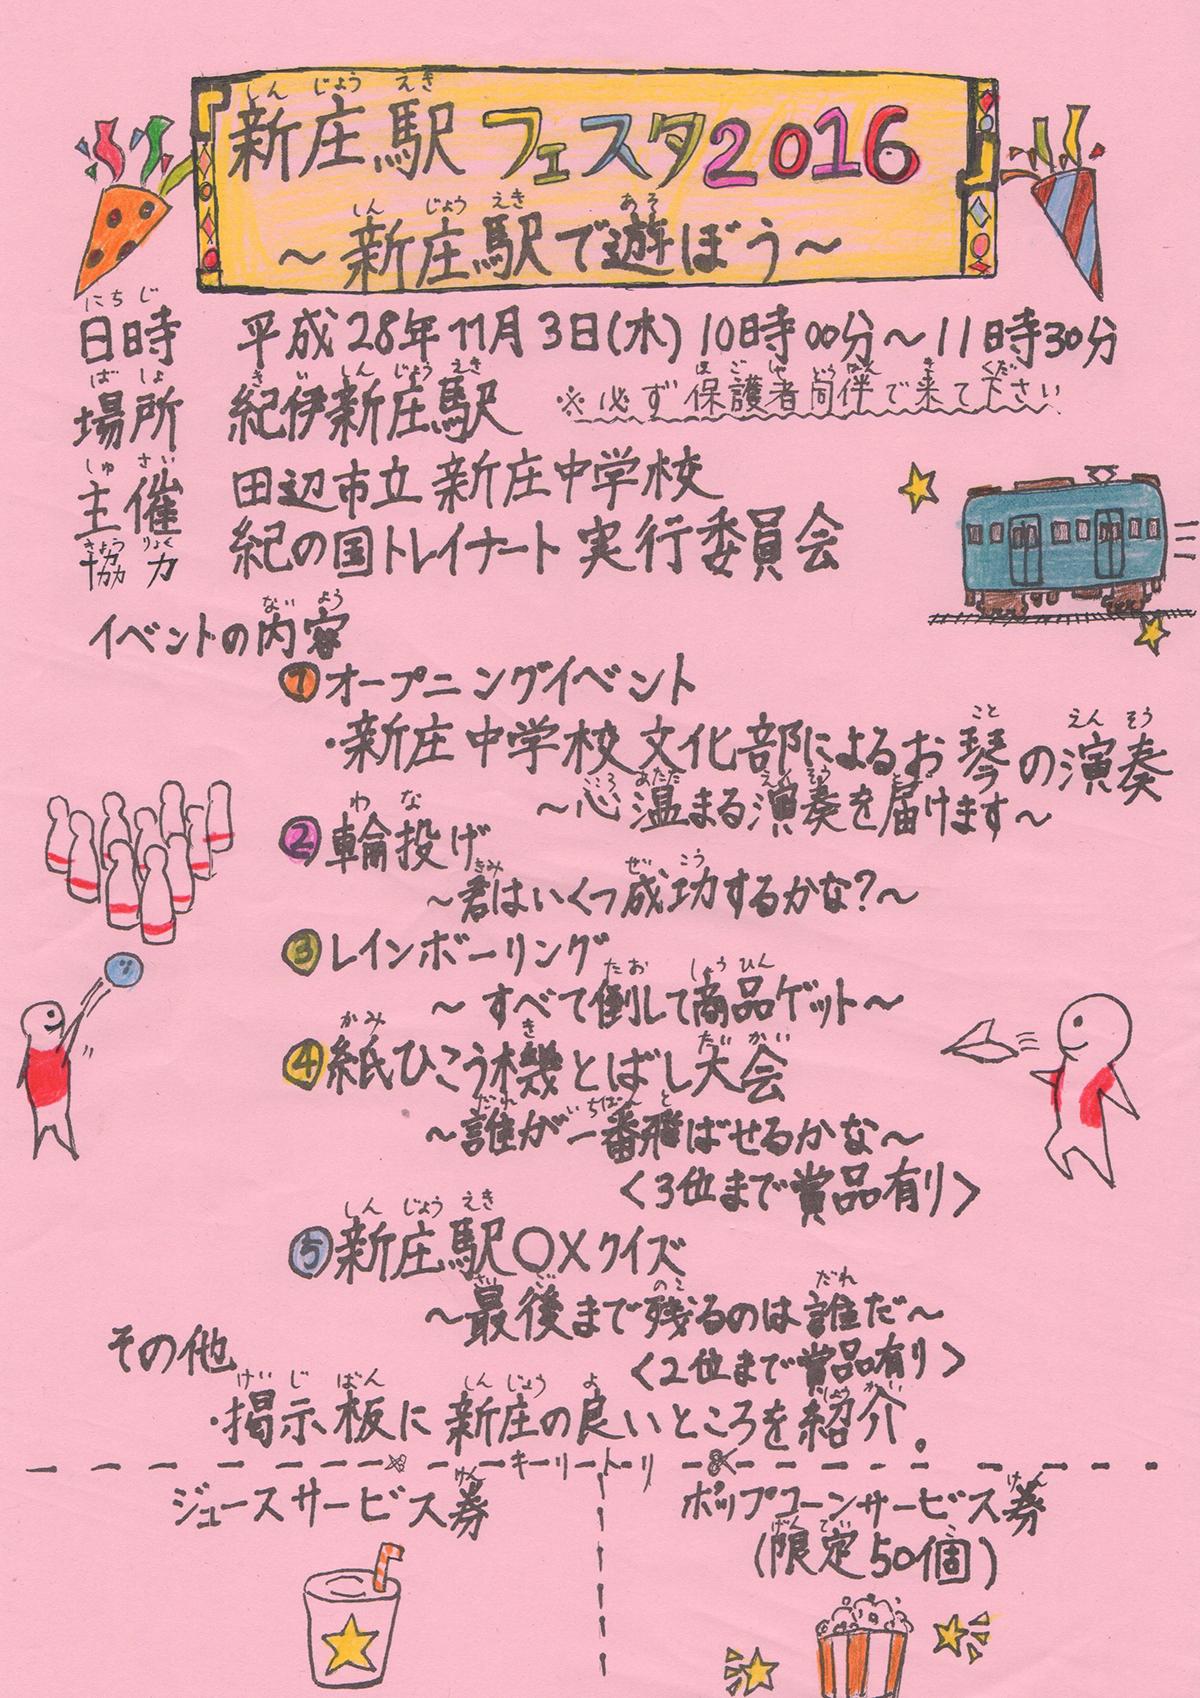 新庄駅フェスタ2016